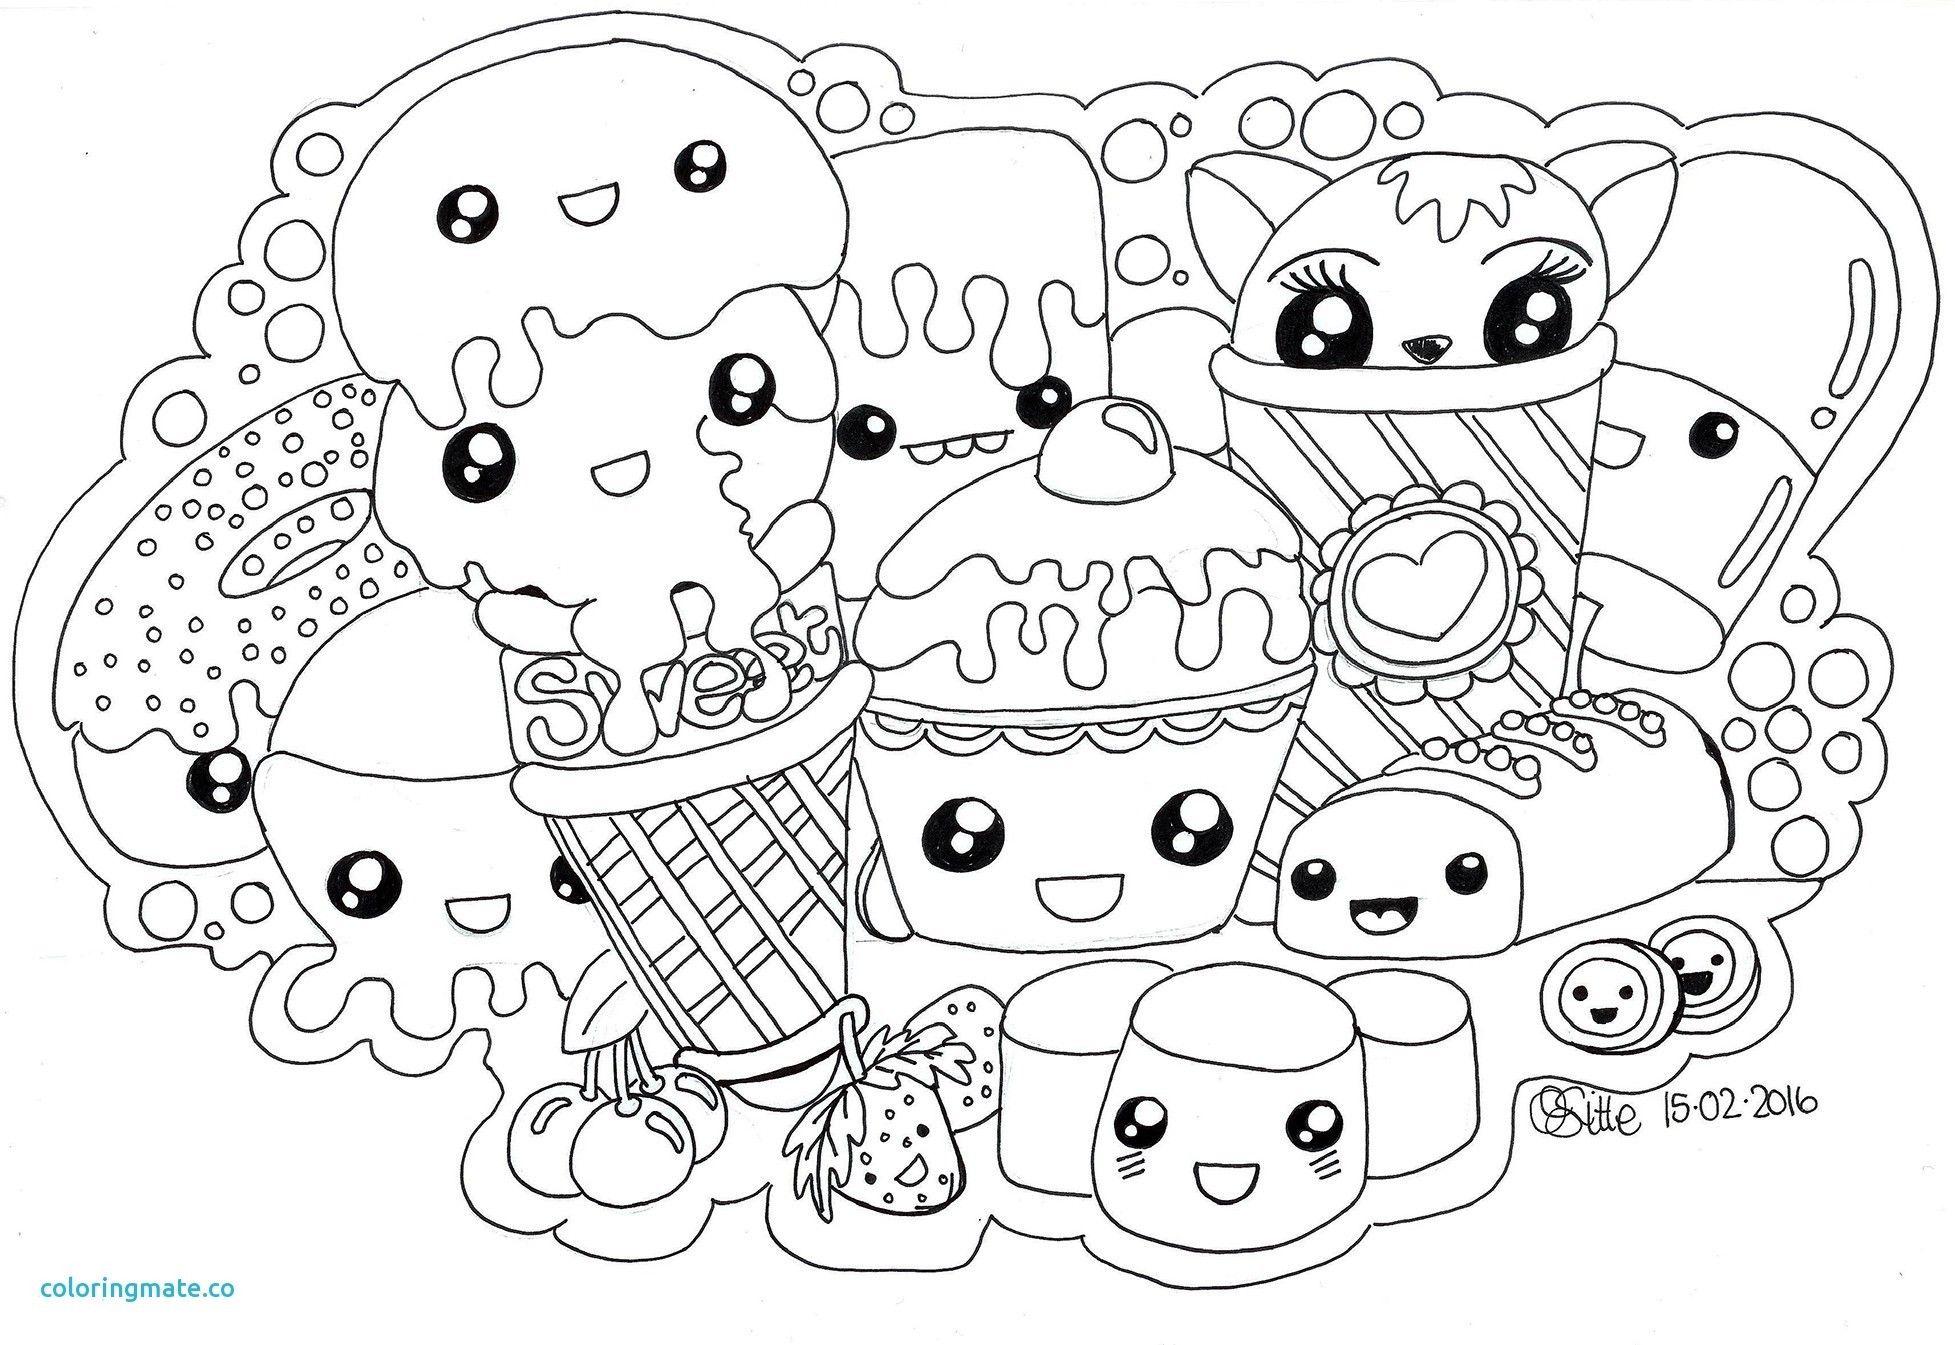 Dibujos De Unicornios Para Colorear Con Imagenes Dibujos Para